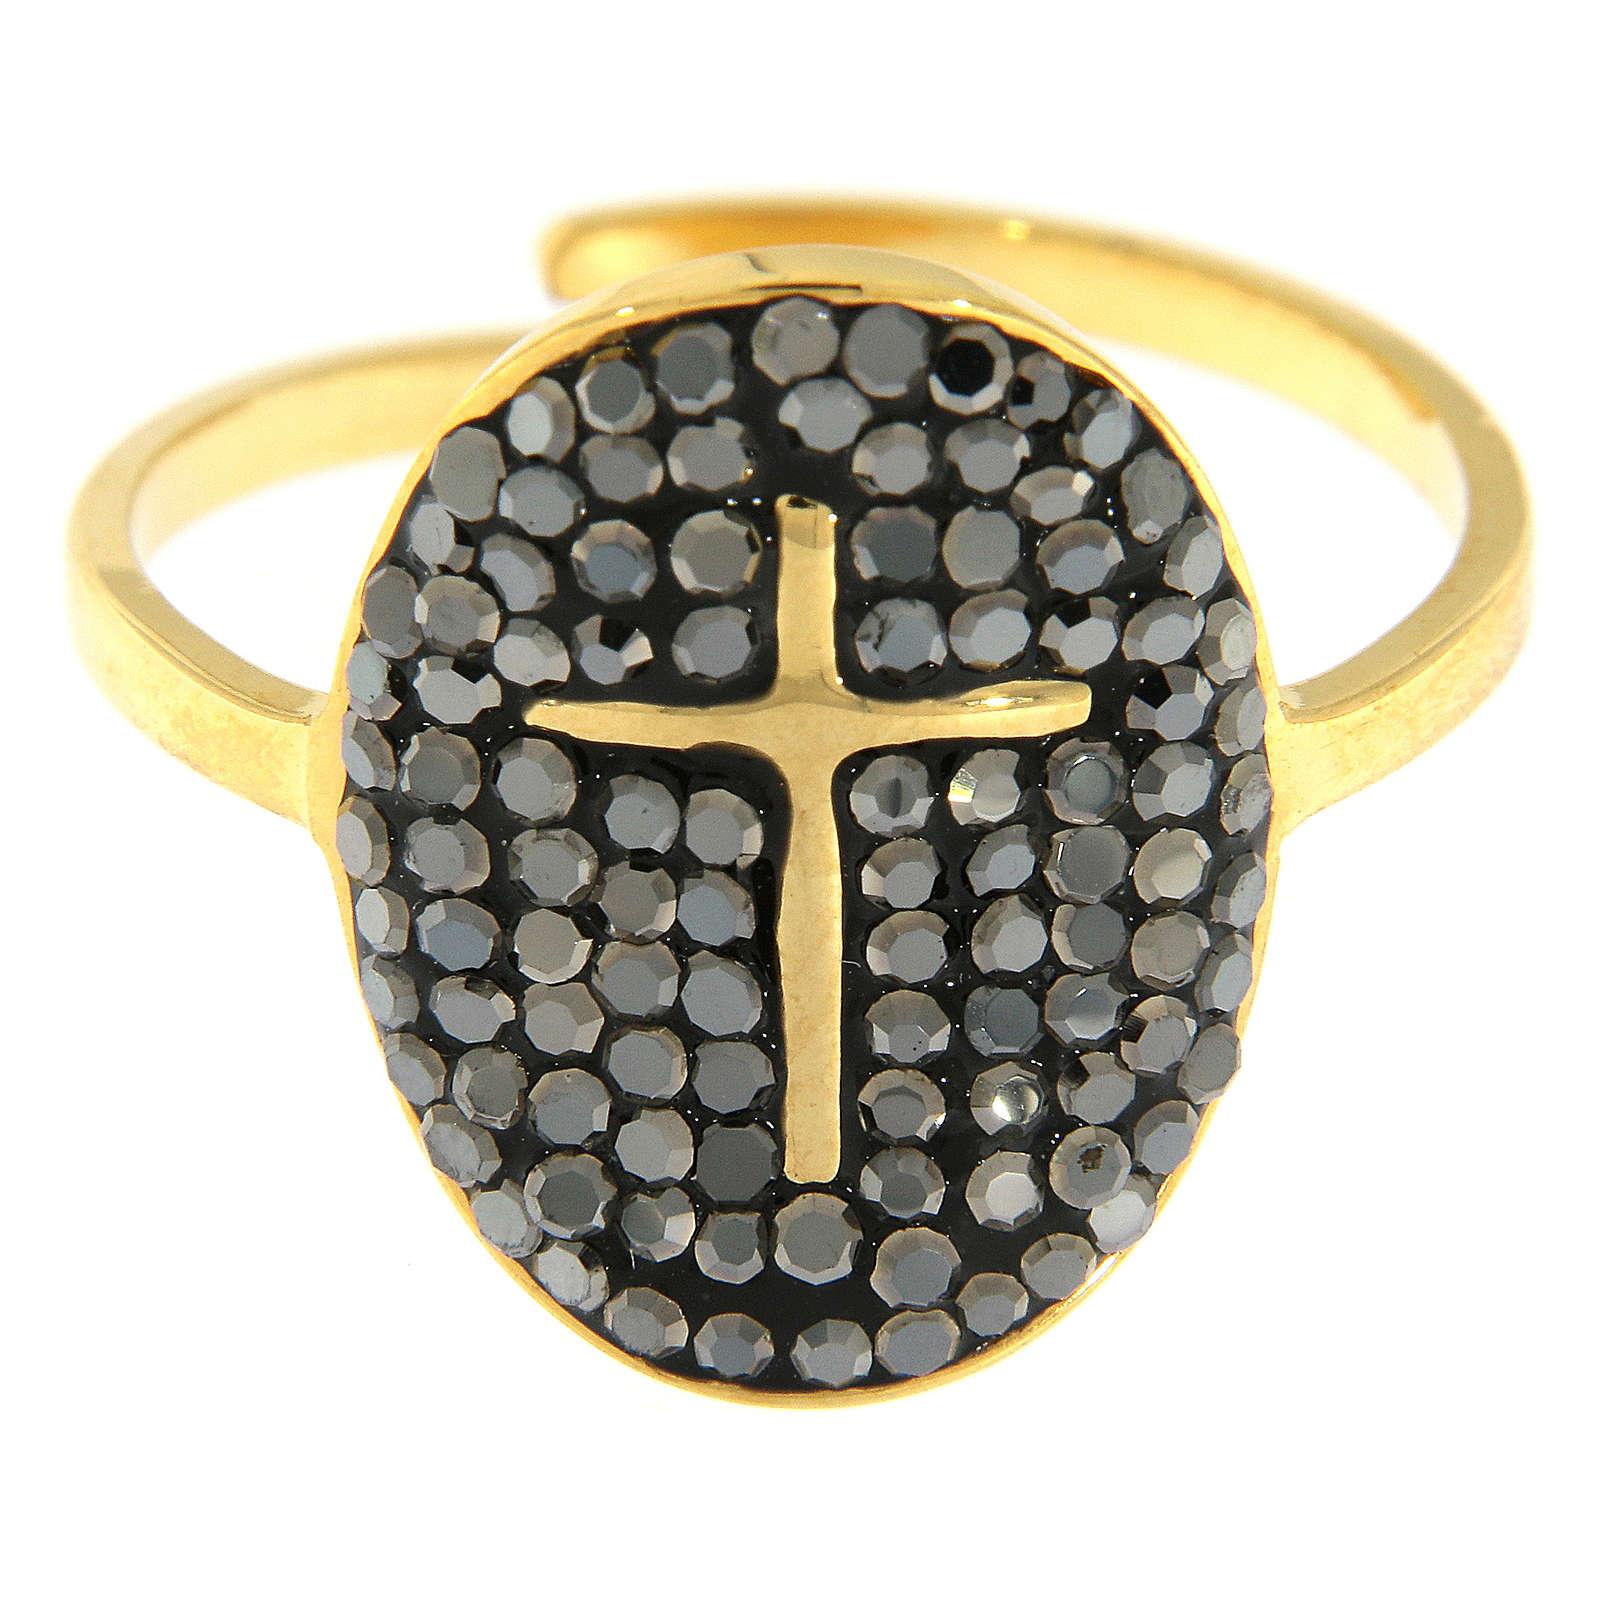 Anello Medjugorje acciaio dorato croce dorata con brillantini di colore nero 4